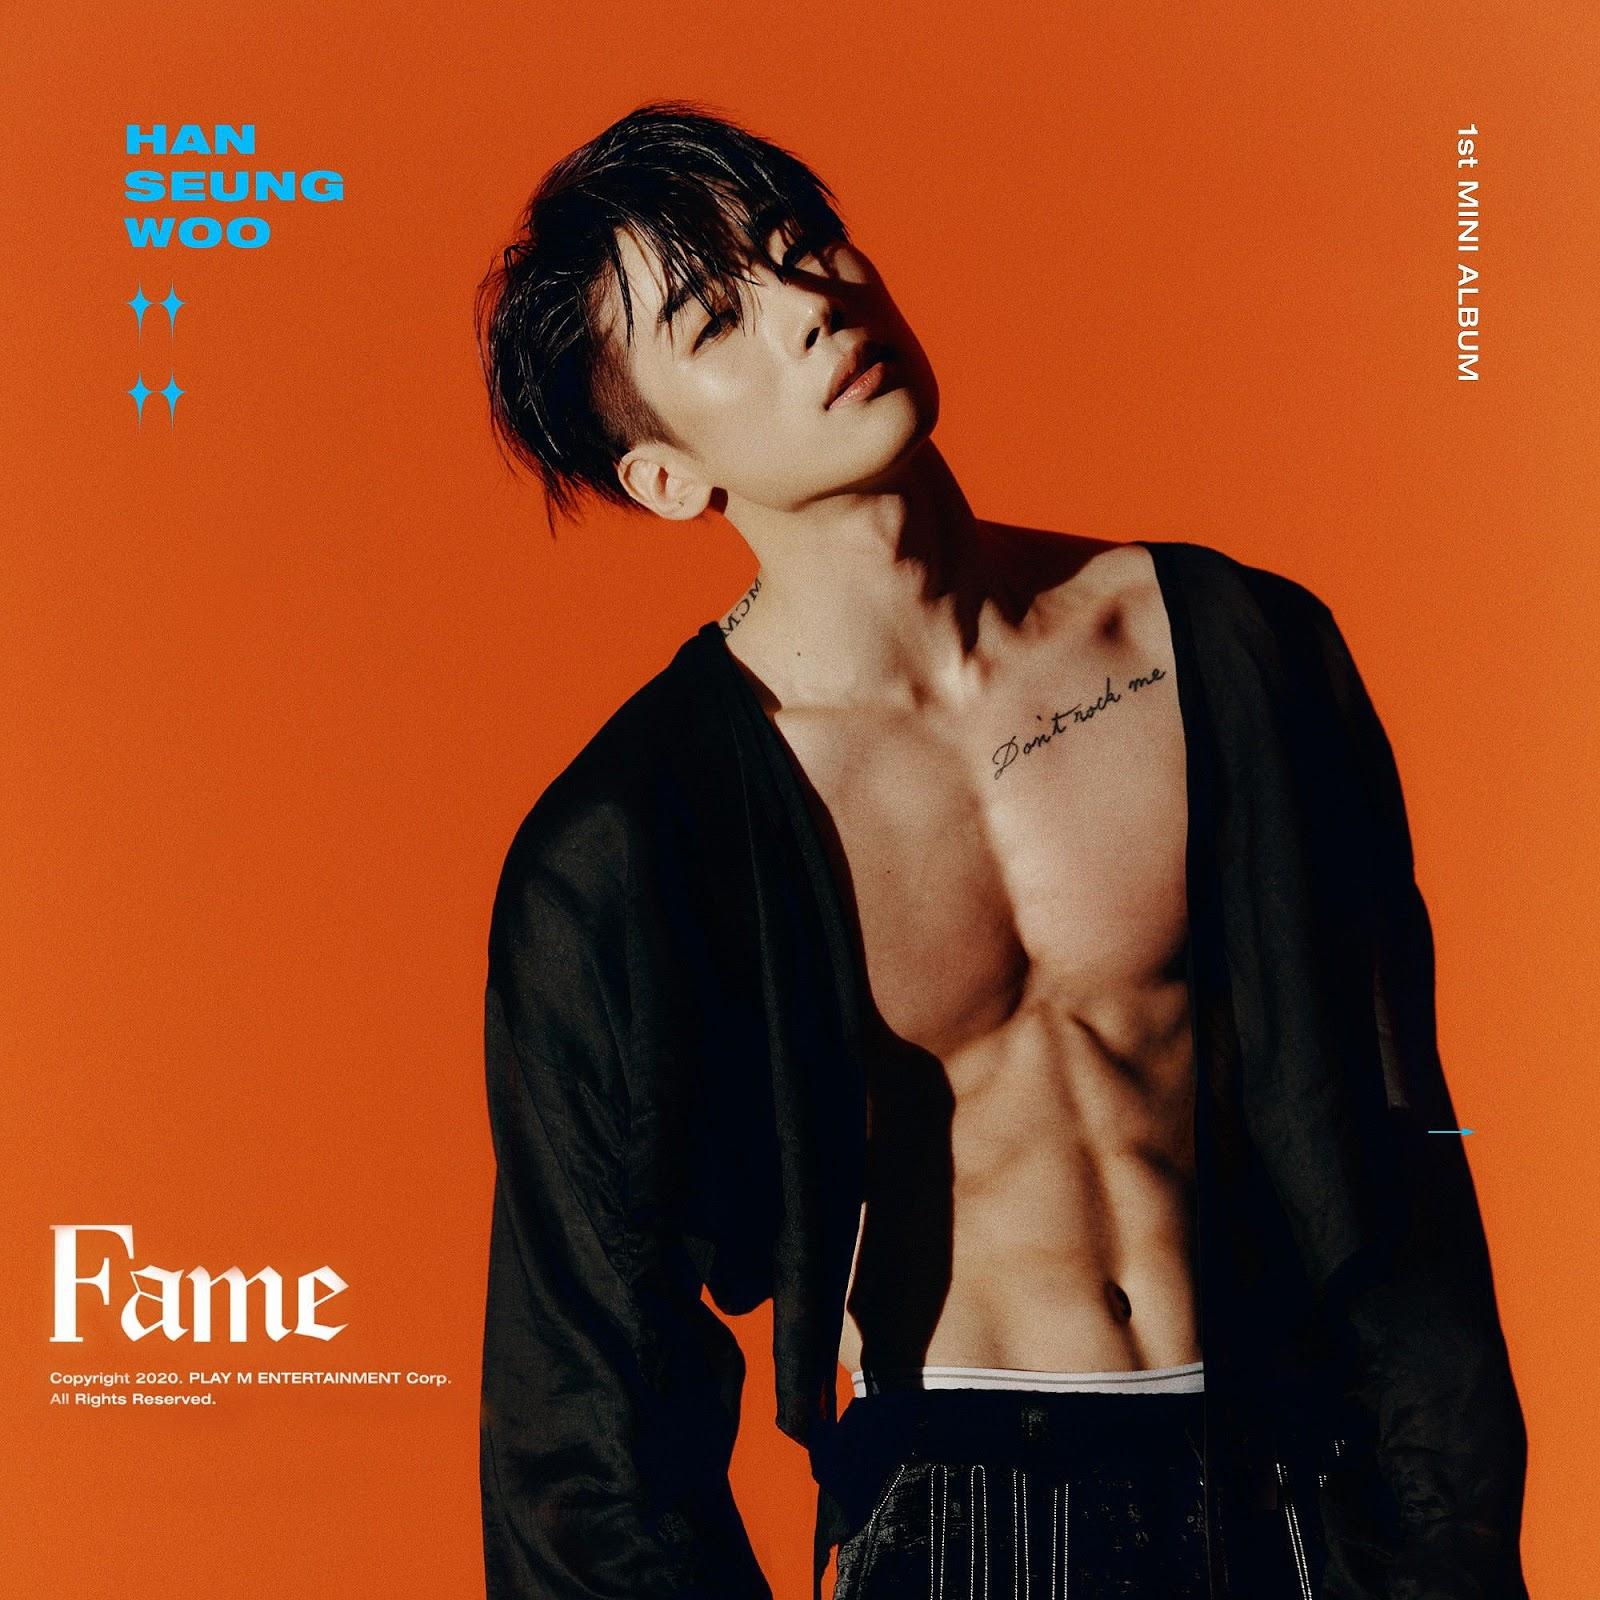 Han Seung Woo (한승우) Fame